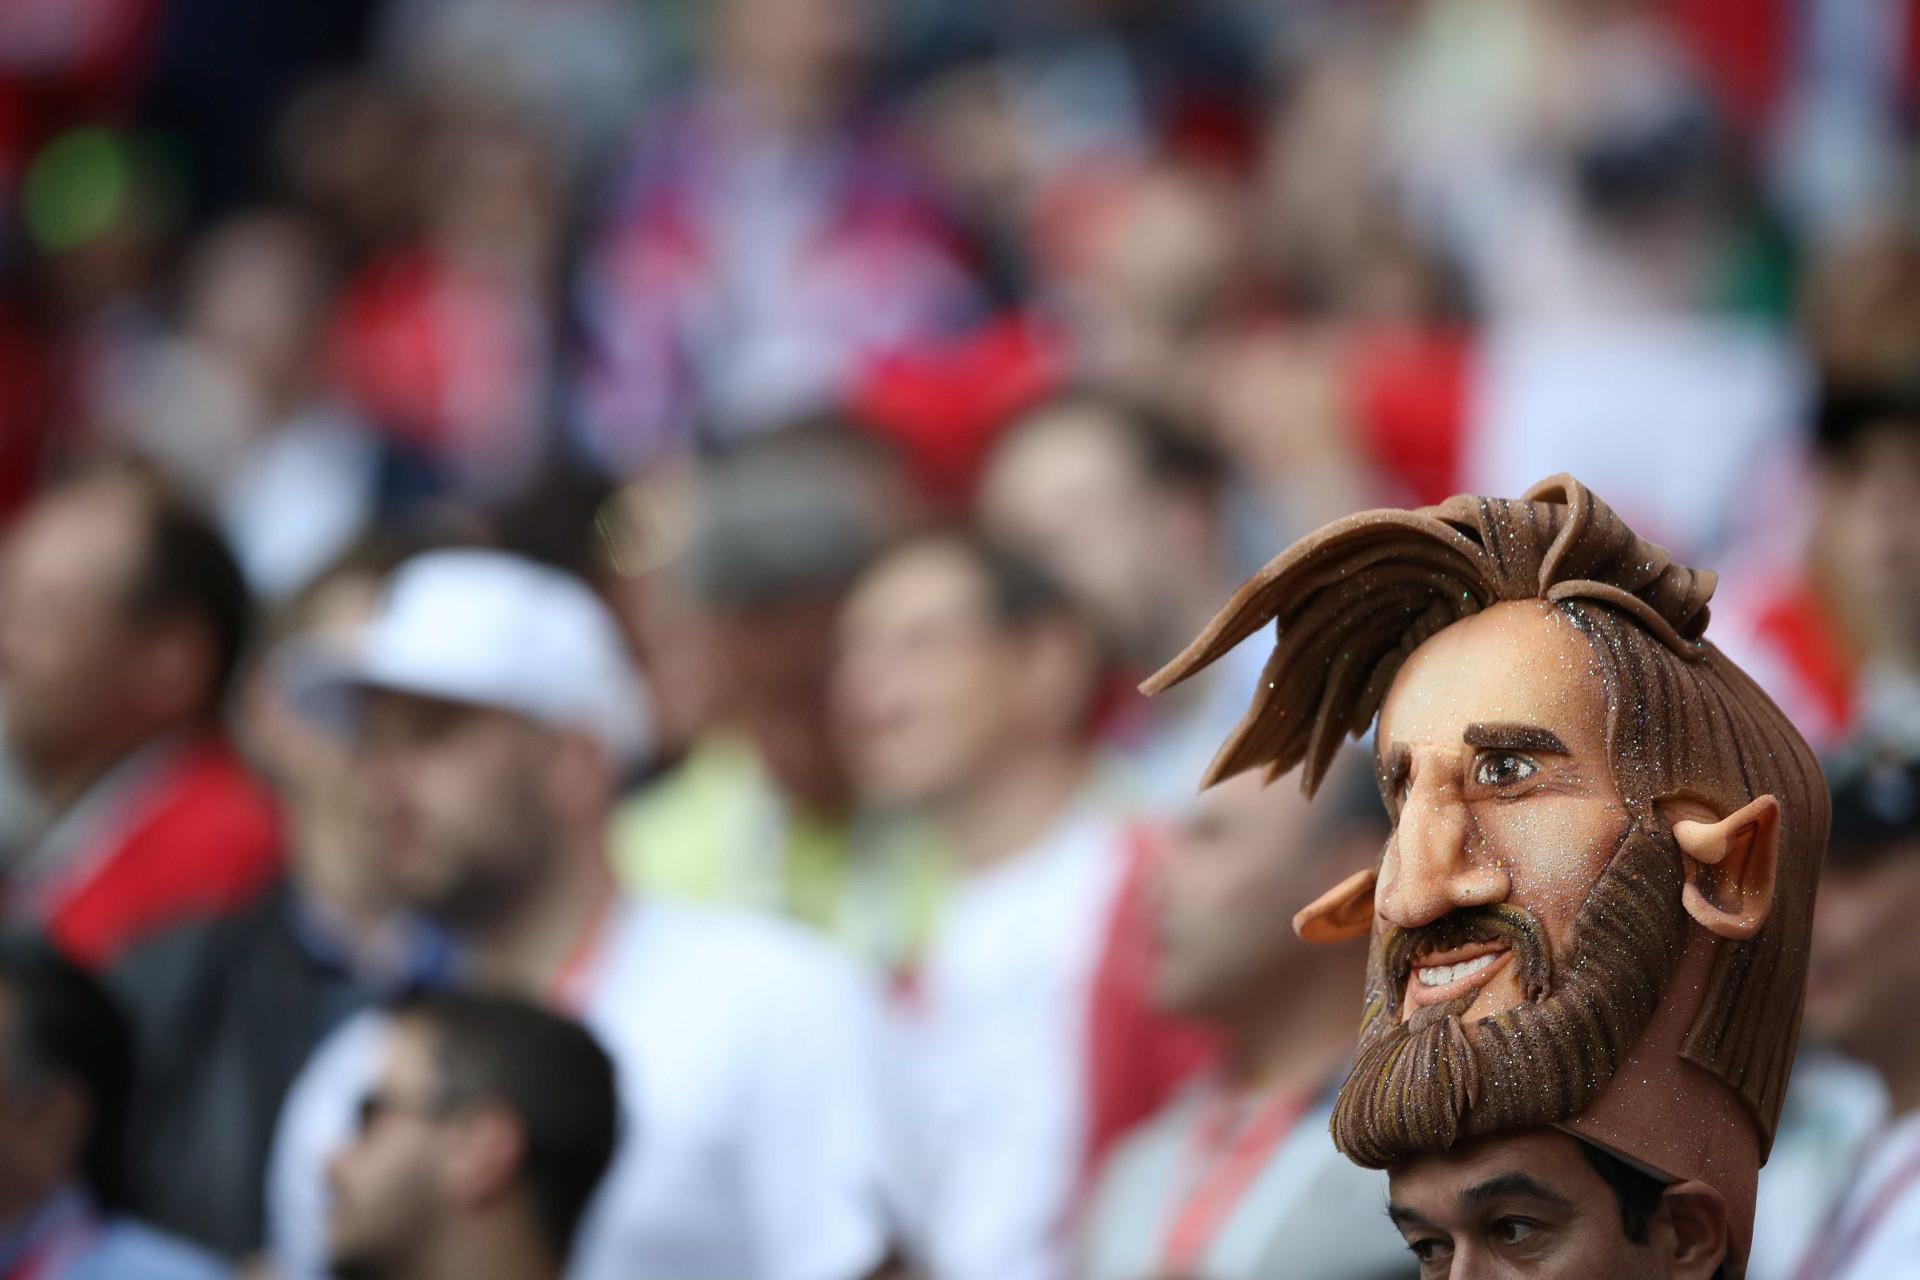 Festa nas arquibancadas: a torcida no jogo de abertura da Copa